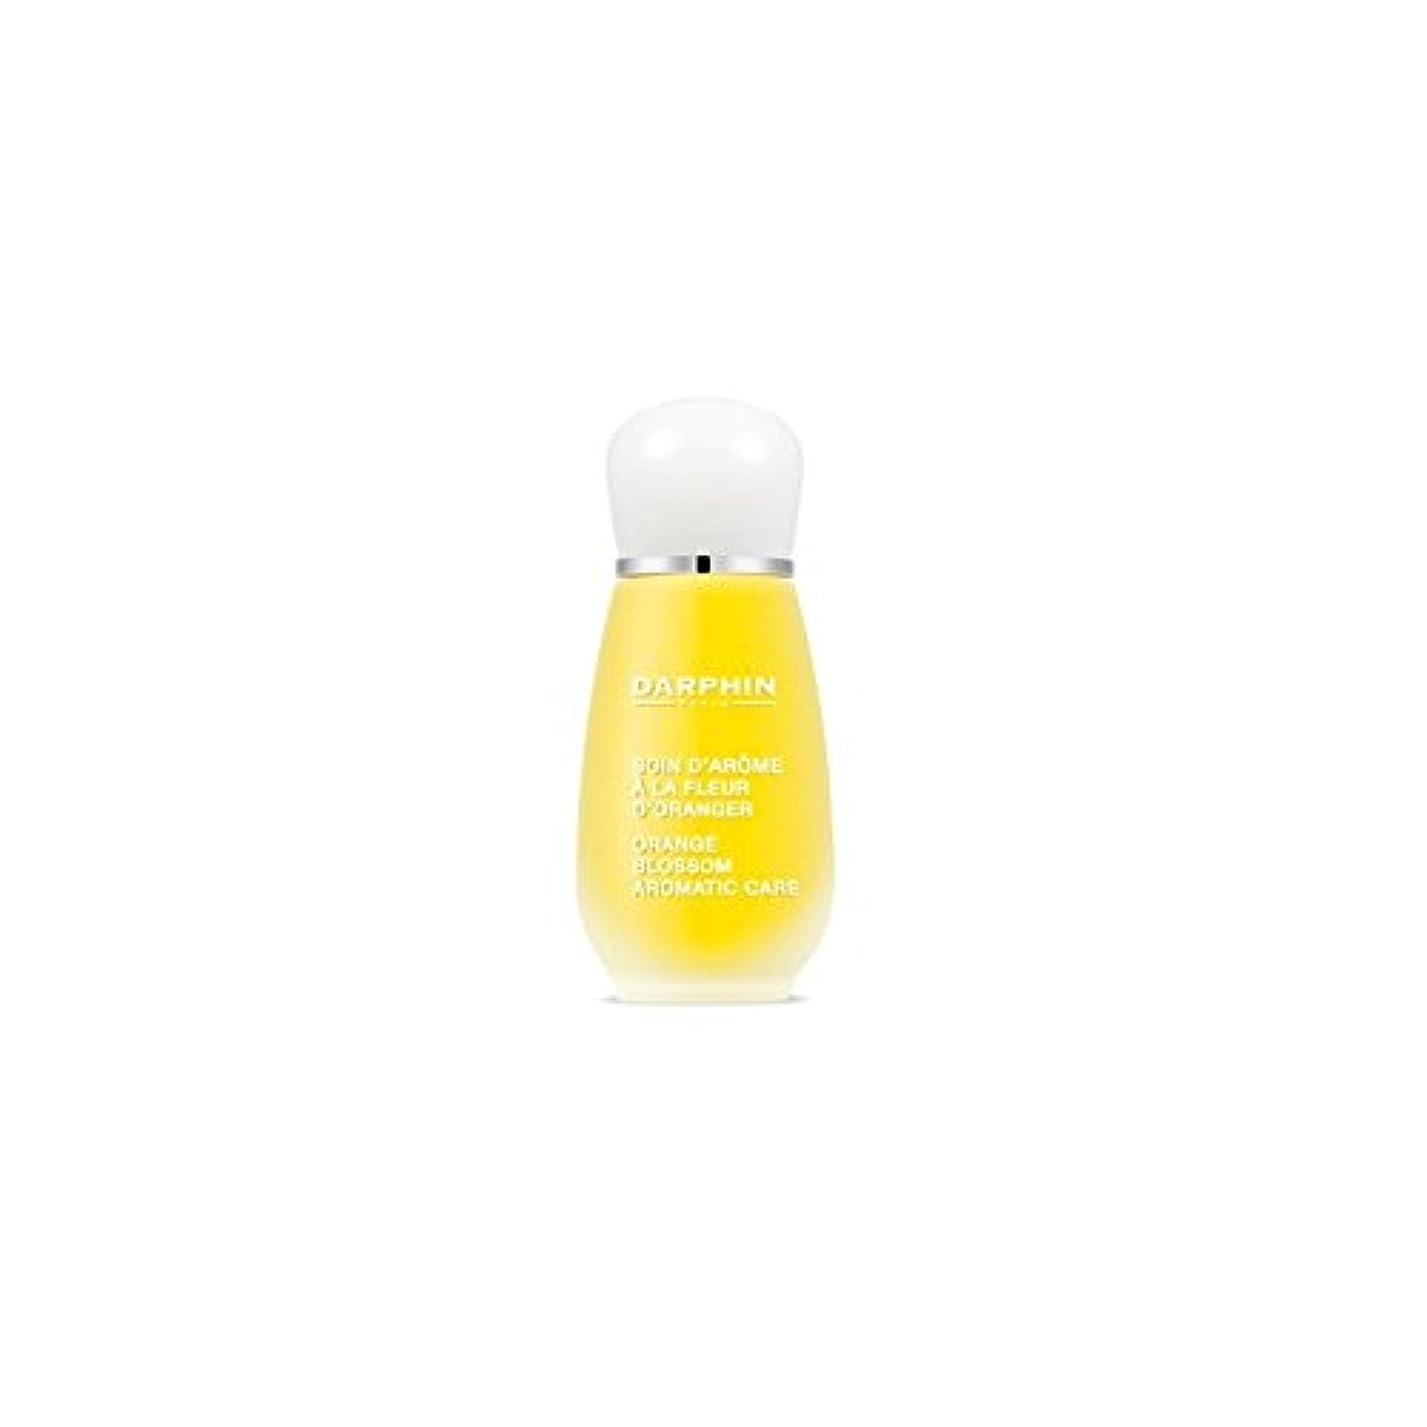 引き潮作成する興奮するDarphin Orange Blossom Aromatic Care (15ml) (Pack of 6) - ダルファンオレンジの花の芳香ケア(15ミリリットル) x6 [並行輸入品]